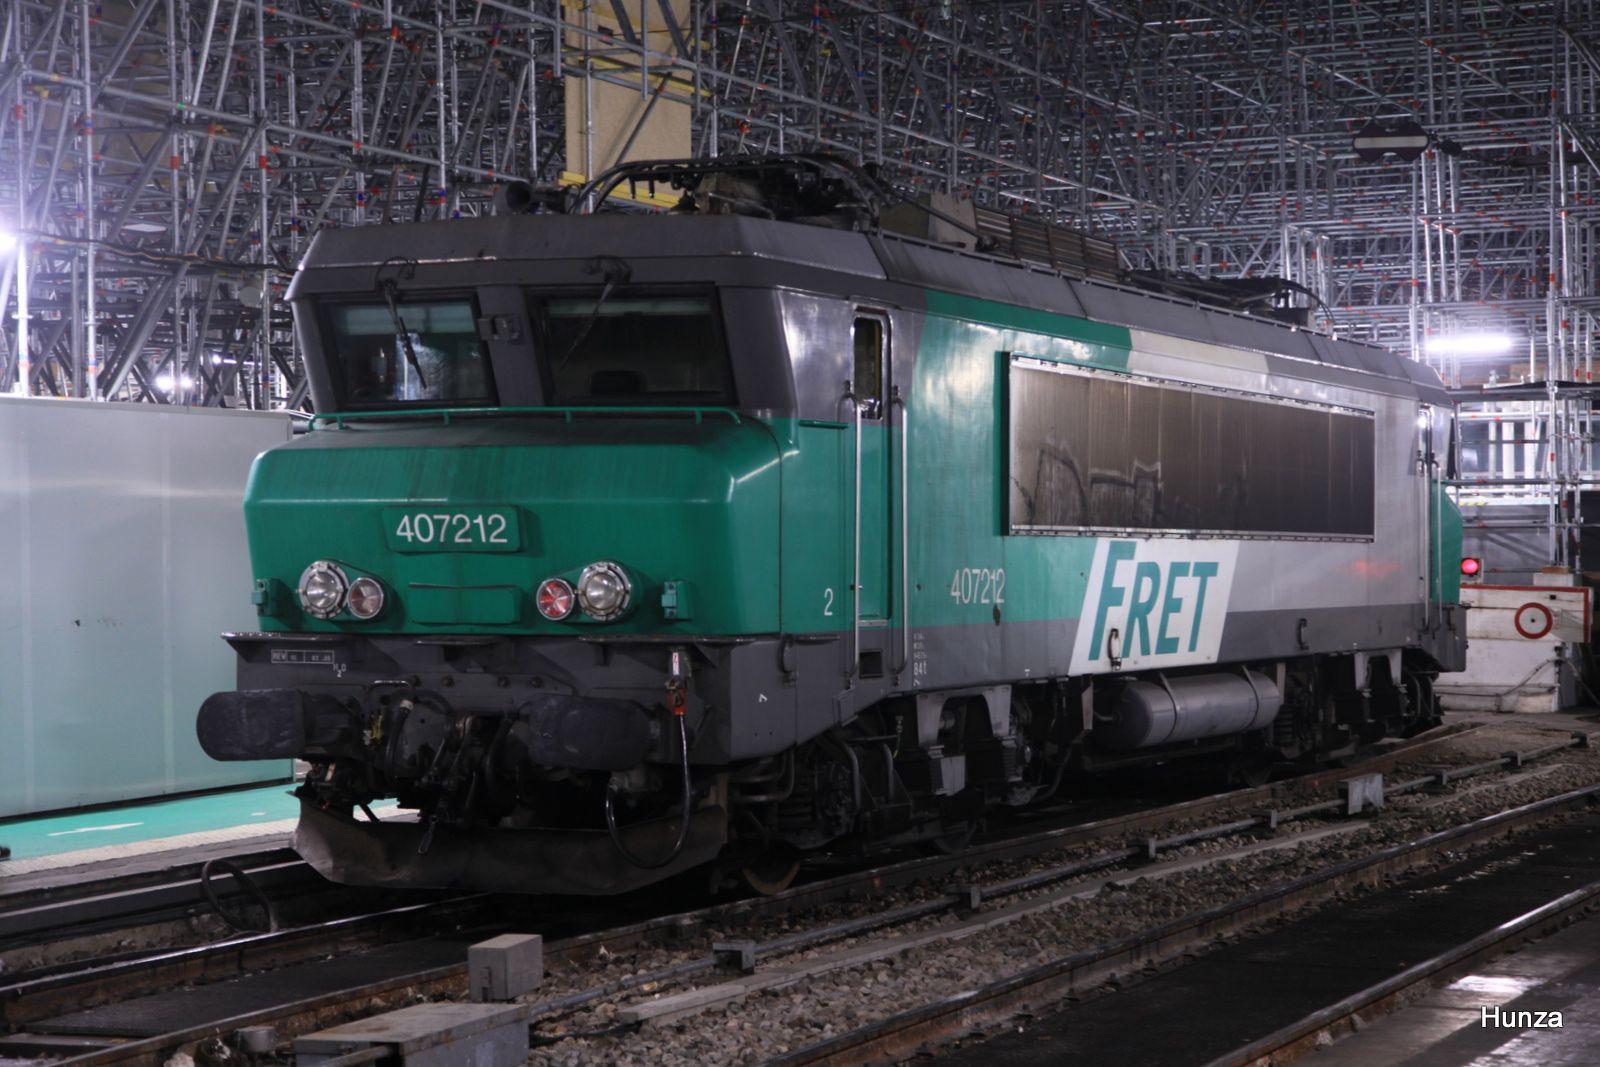 Gare d'Austerlitz : BB 407212 (4 novembre 2018)